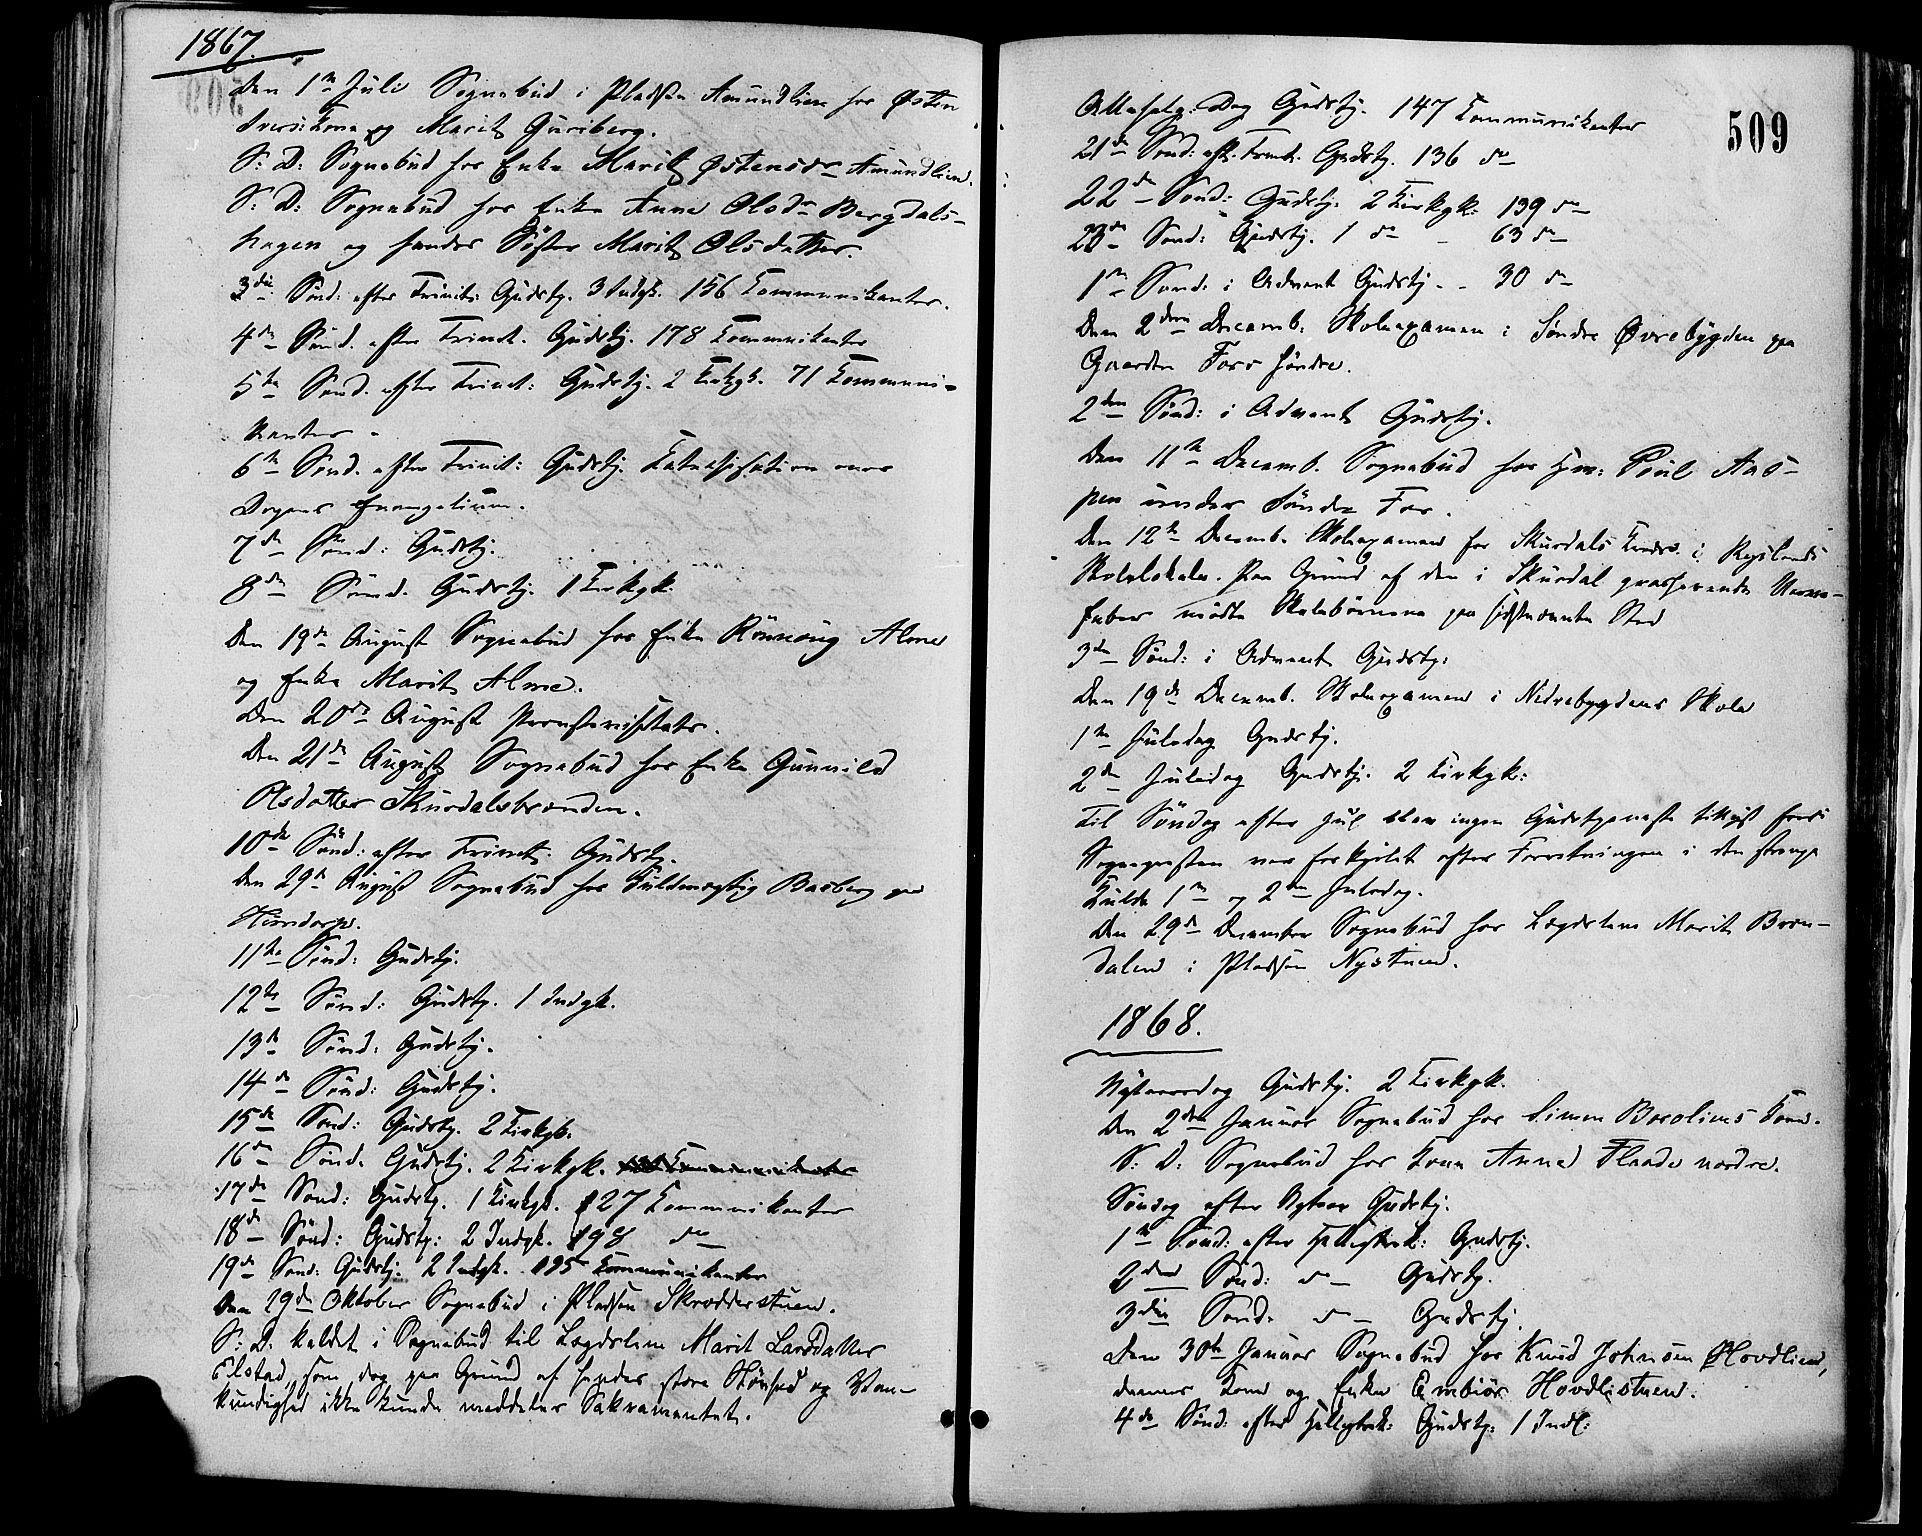 SAH, Sør-Fron prestekontor, H/Ha/Haa/L0002: Ministerialbok nr. 2, 1864-1880, s. 509